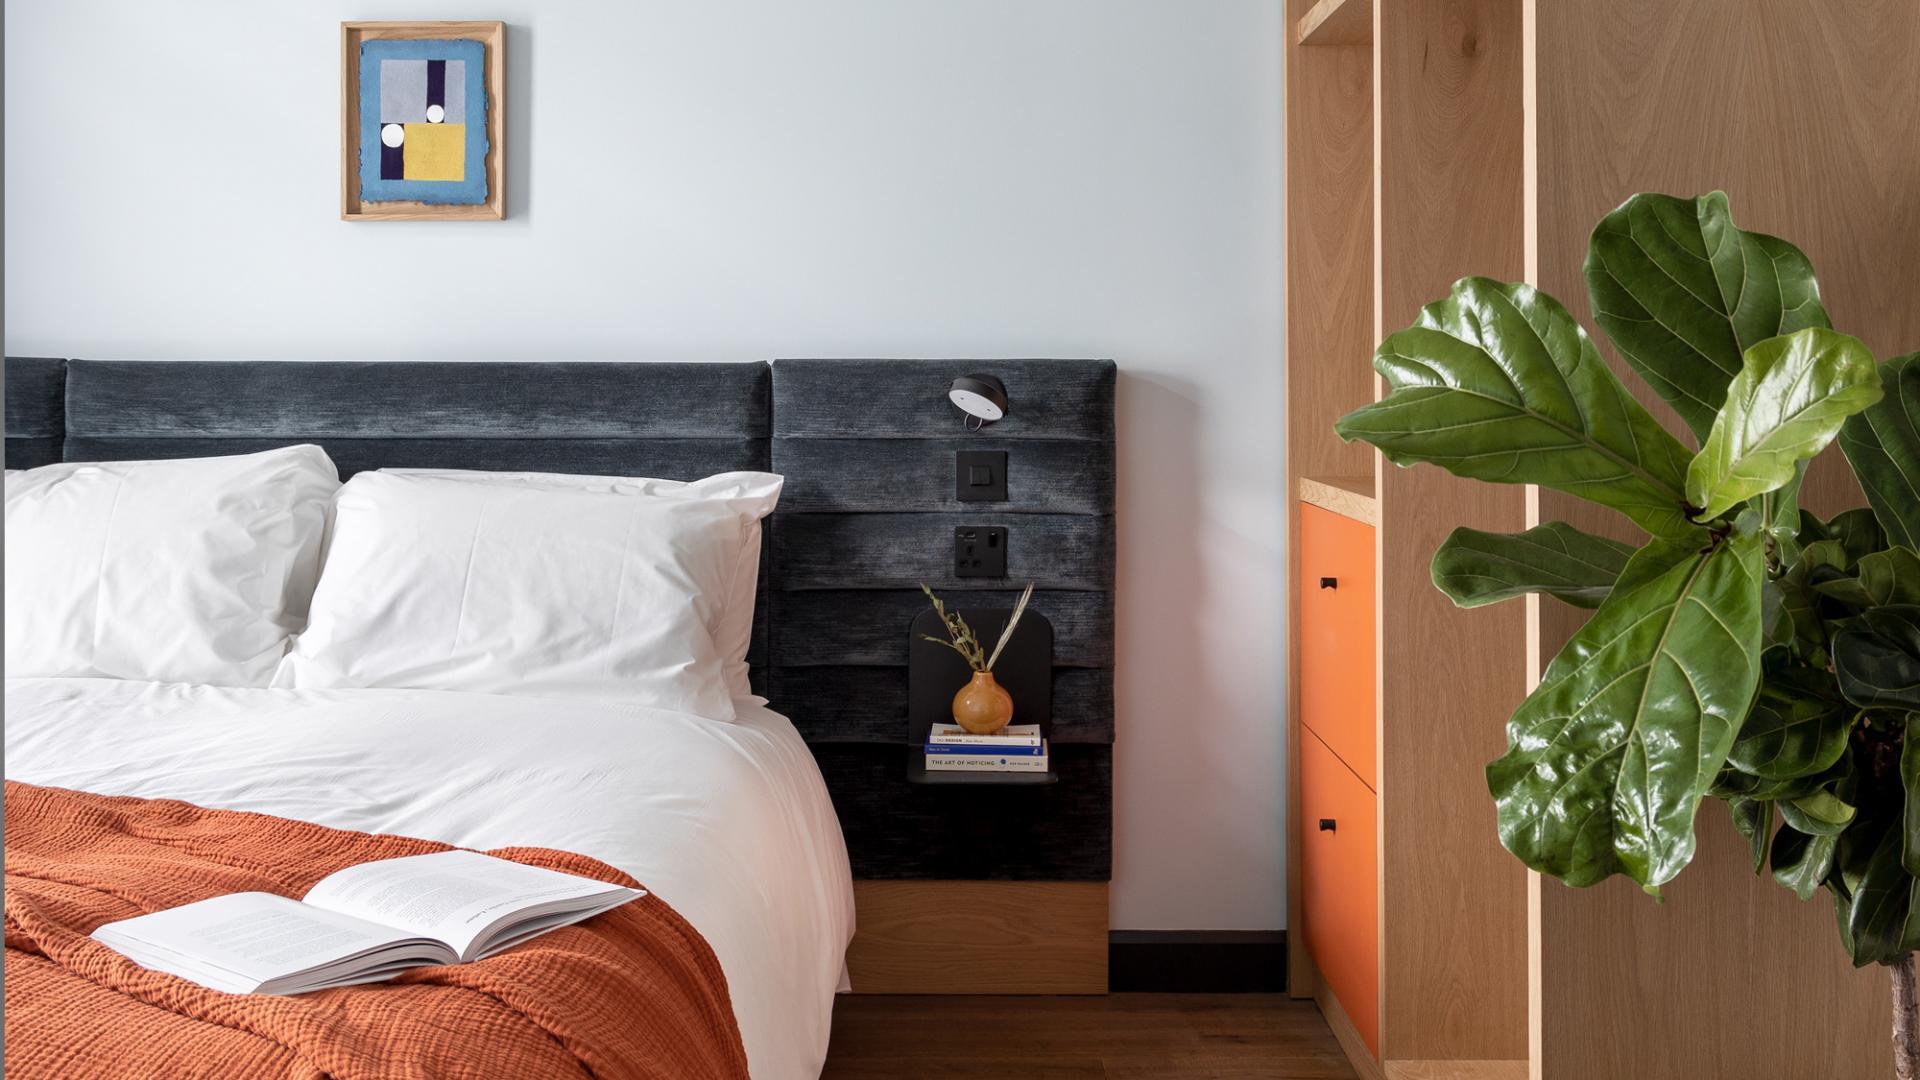 Bed at Beckett Locke Apartments, North Wall, Dublin